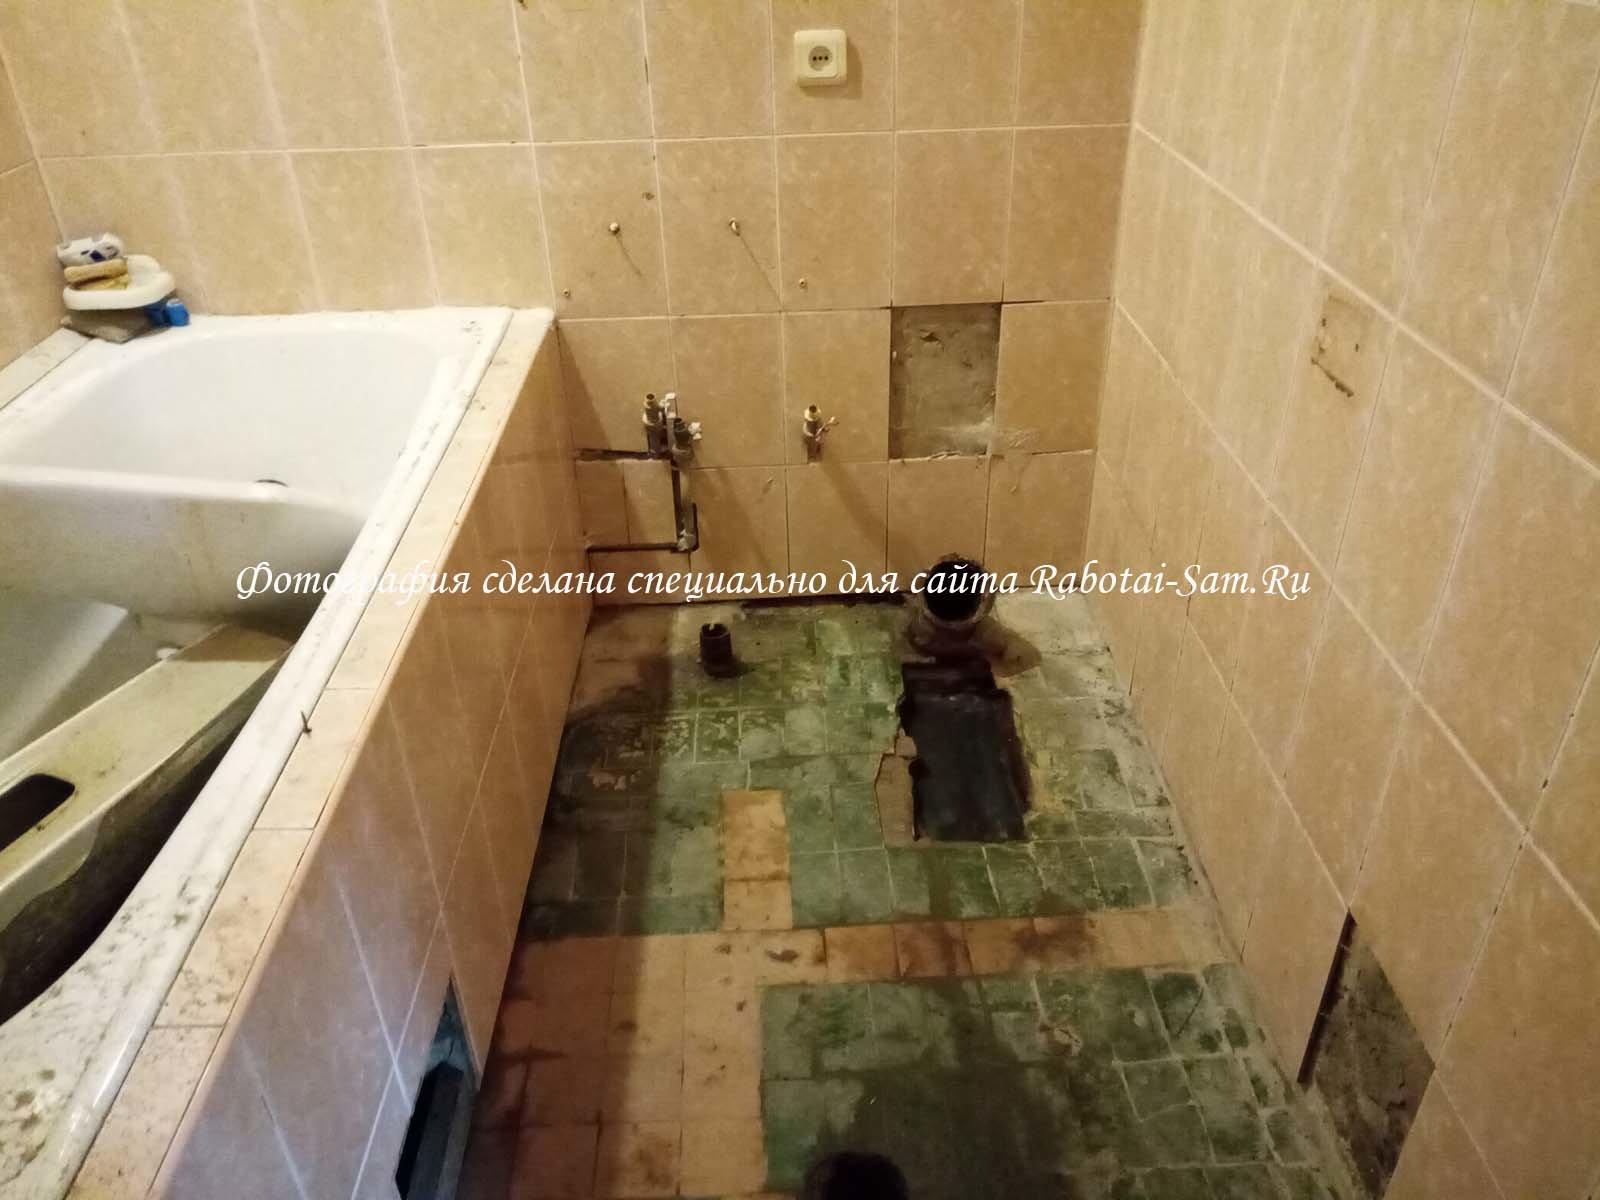 Делаем полную реставрацию пола в ванной